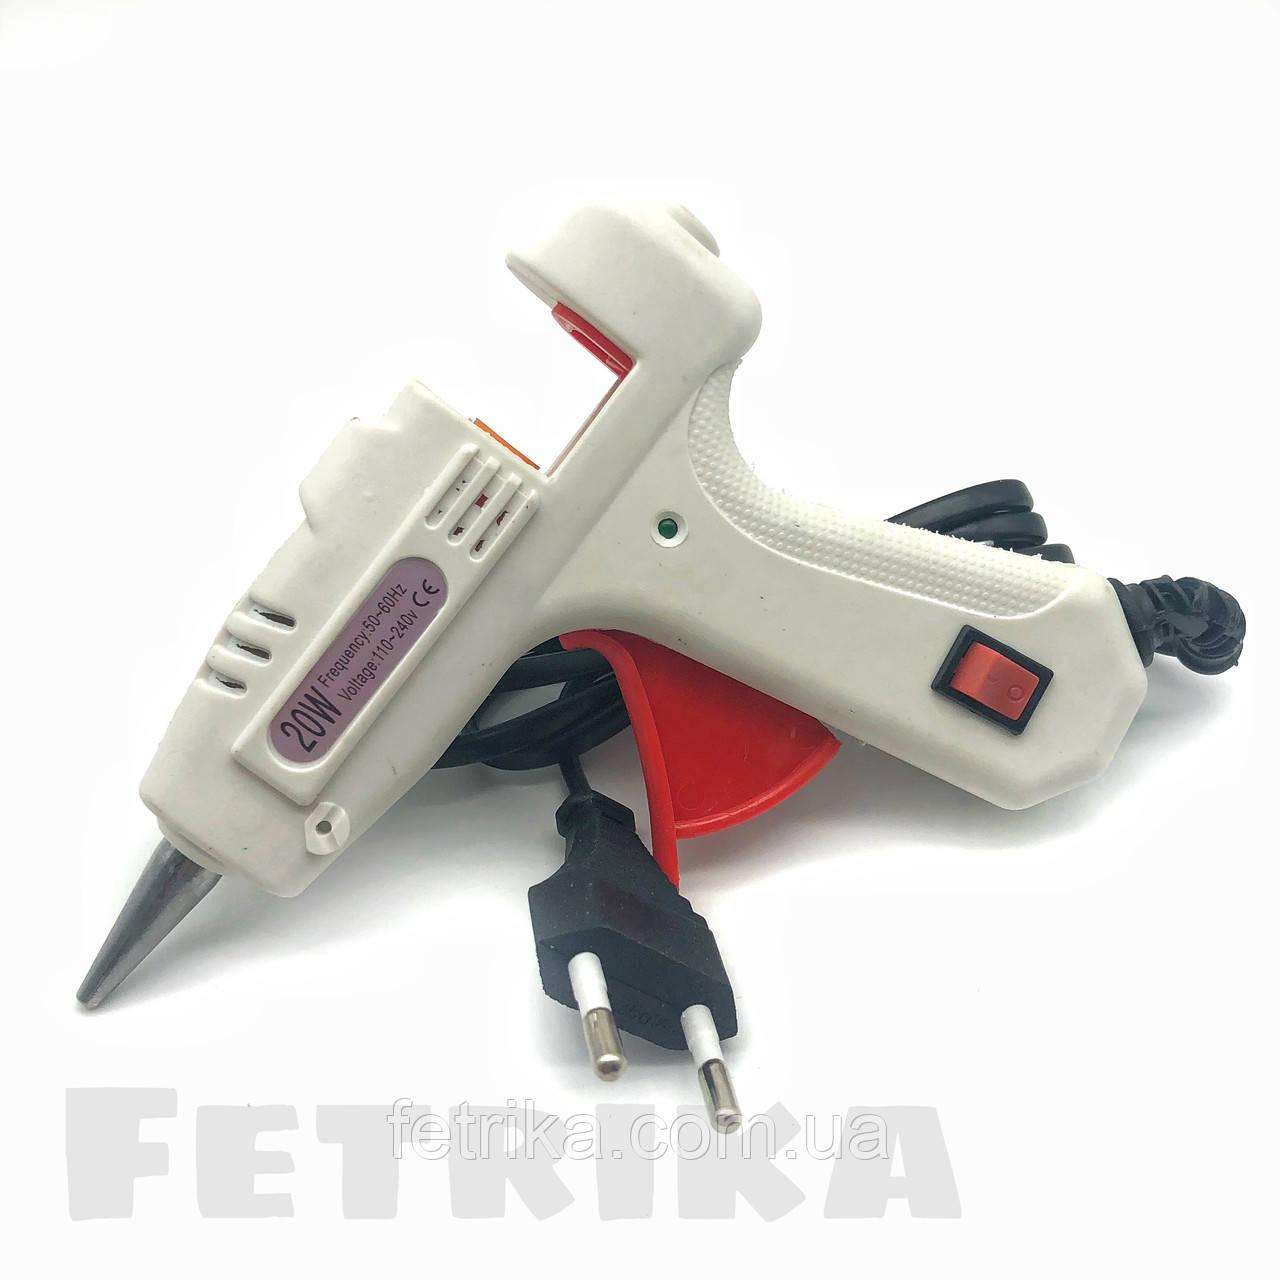 Пистолет клеевой электрический белый HELI с кнопкой (для клеевых стержней D7 мм)